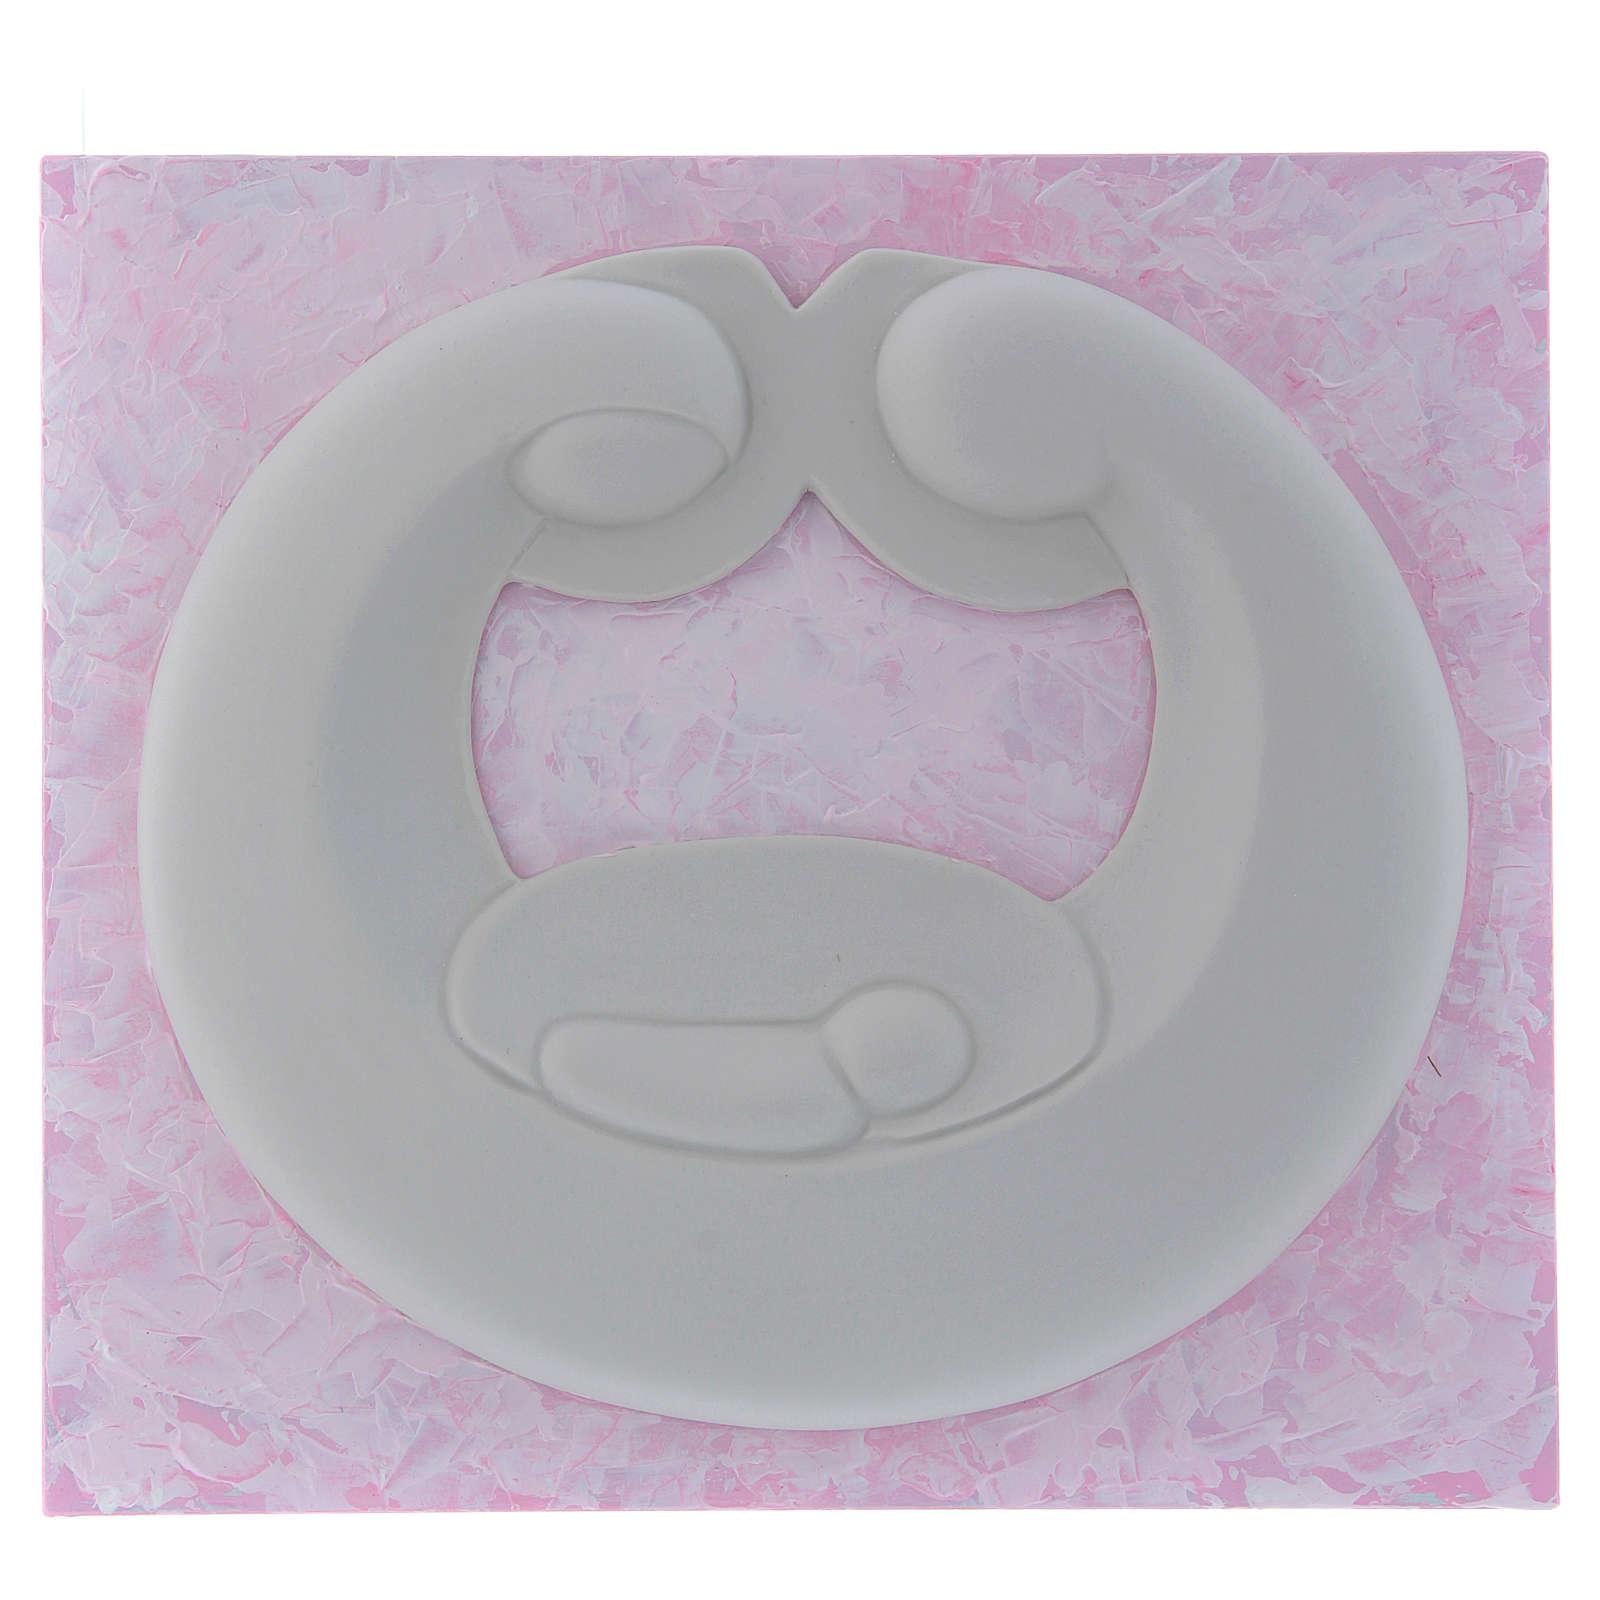 Bassorilievo Pinton Sacra Famiglia porcellana bianca su pannello rosa 22X25 cm 4